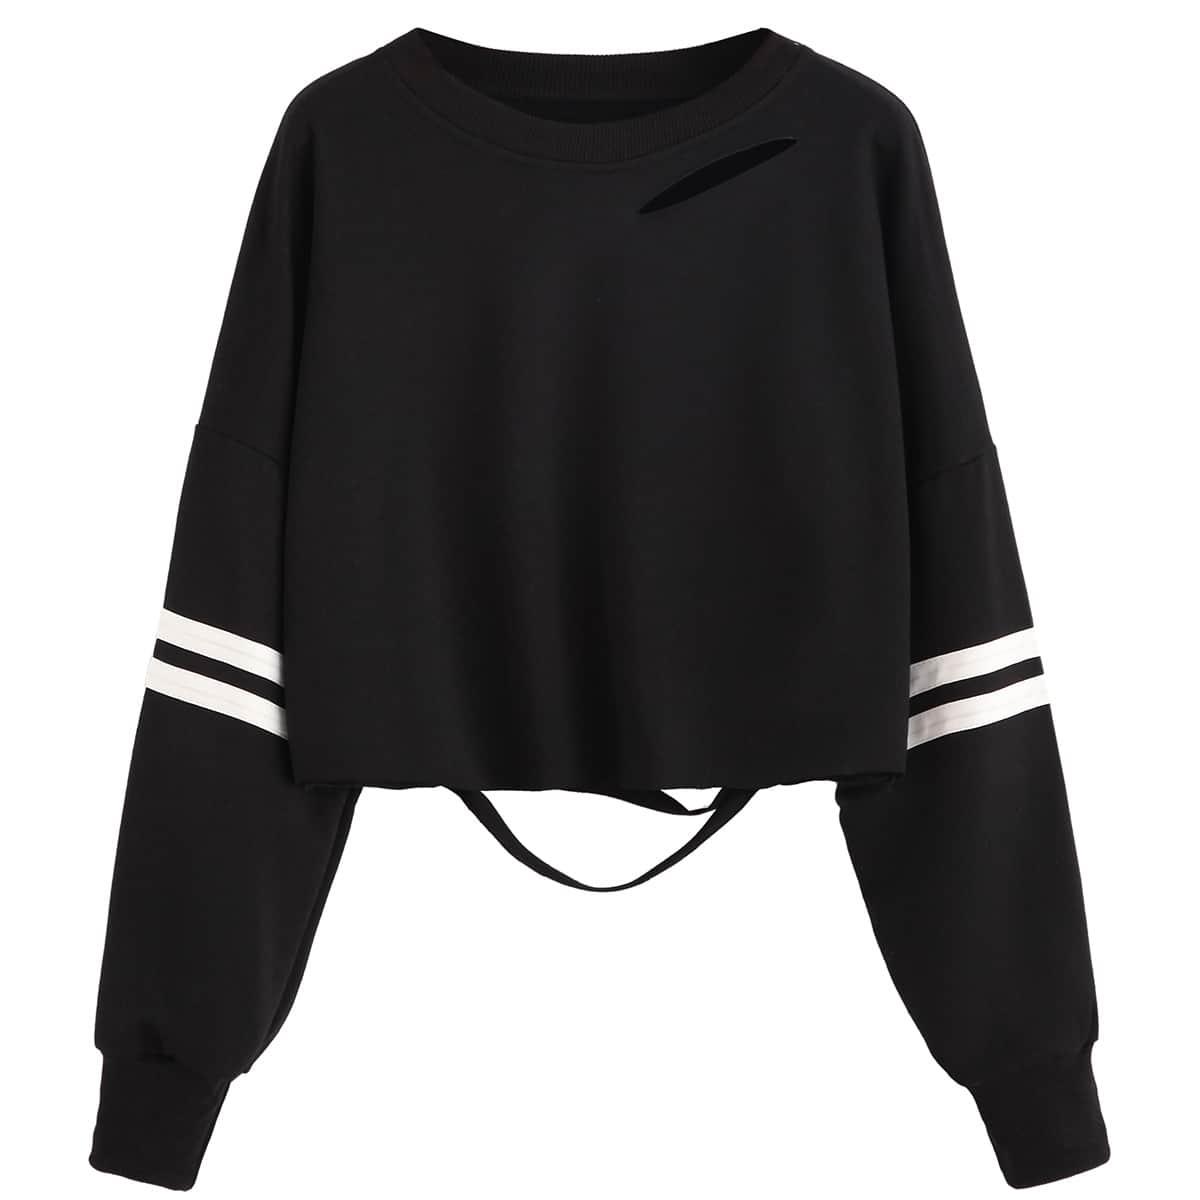 sweatshirt160926102_2